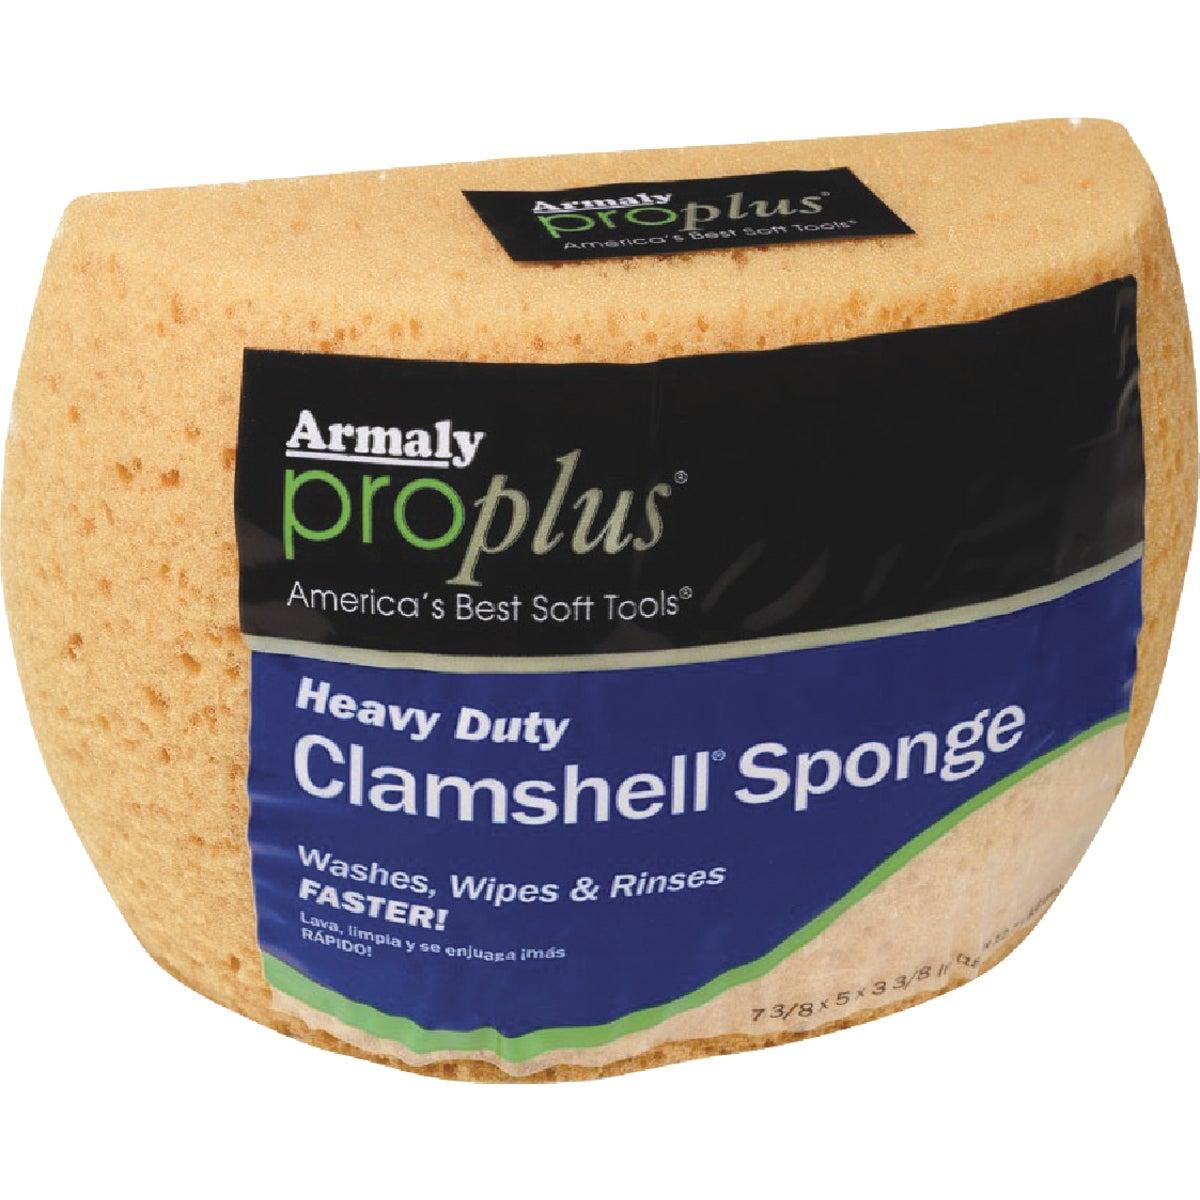 Clamshell Sponge